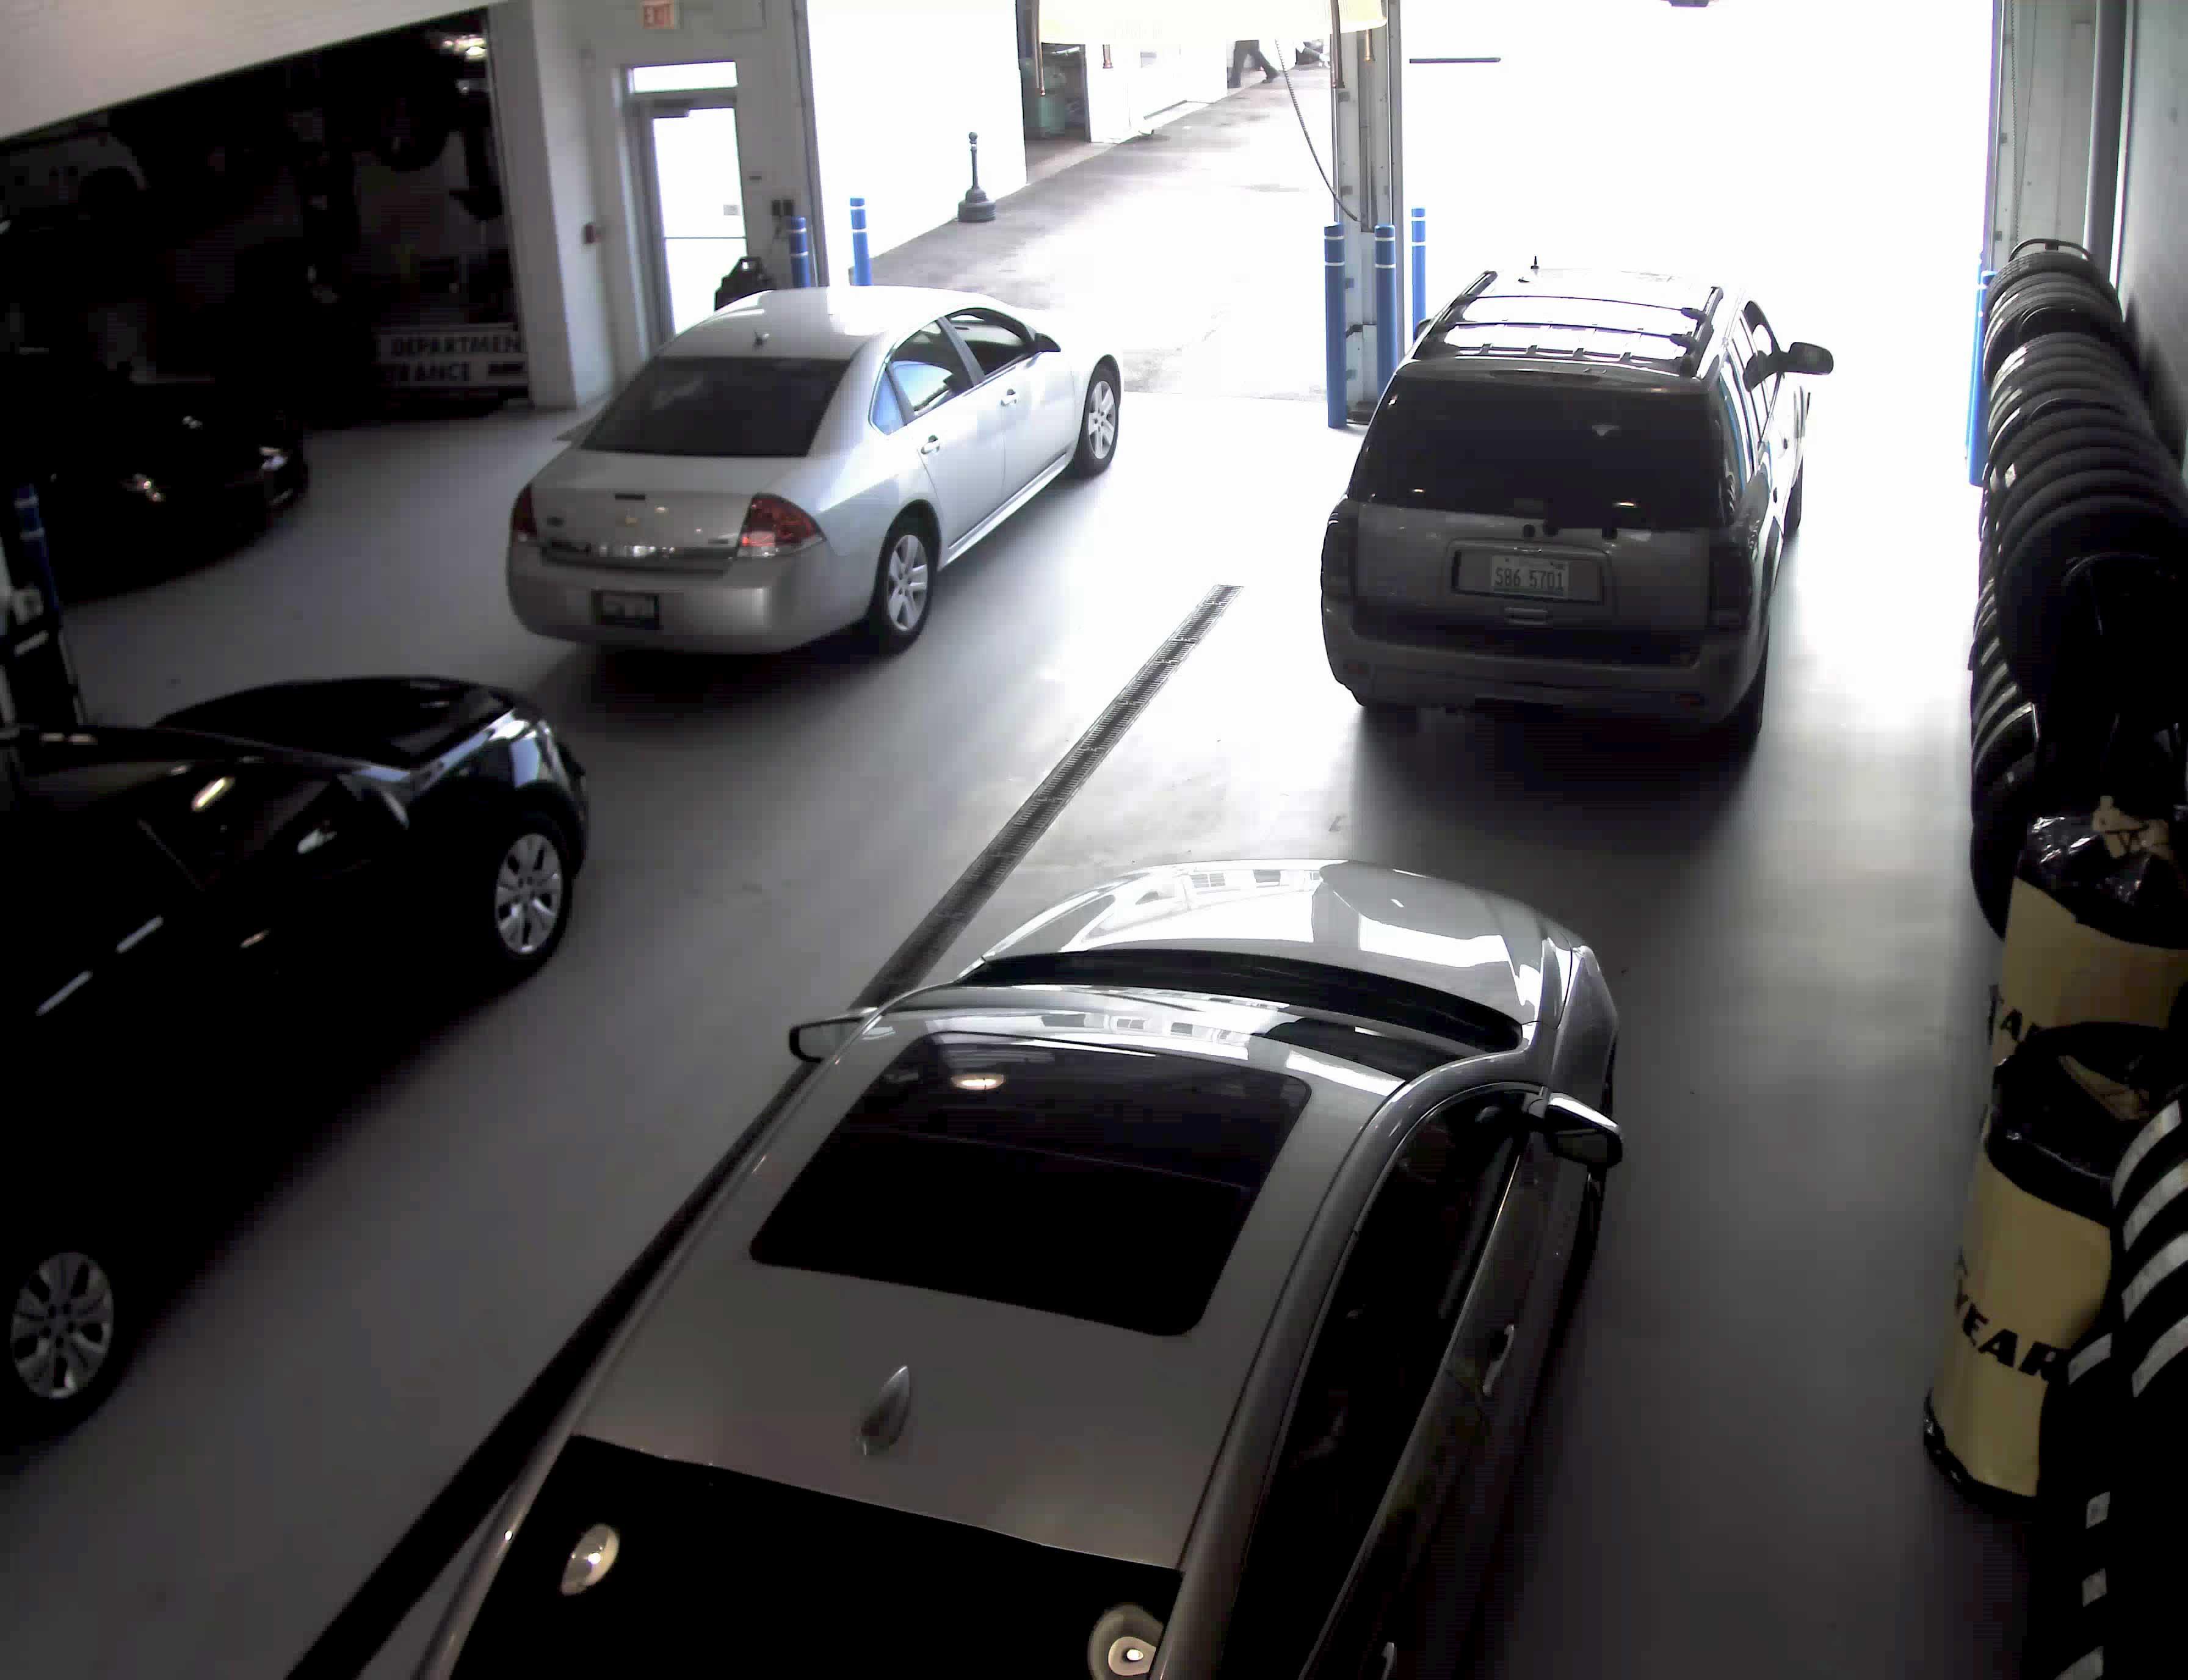 Car-Scretch-Delivery-Camera